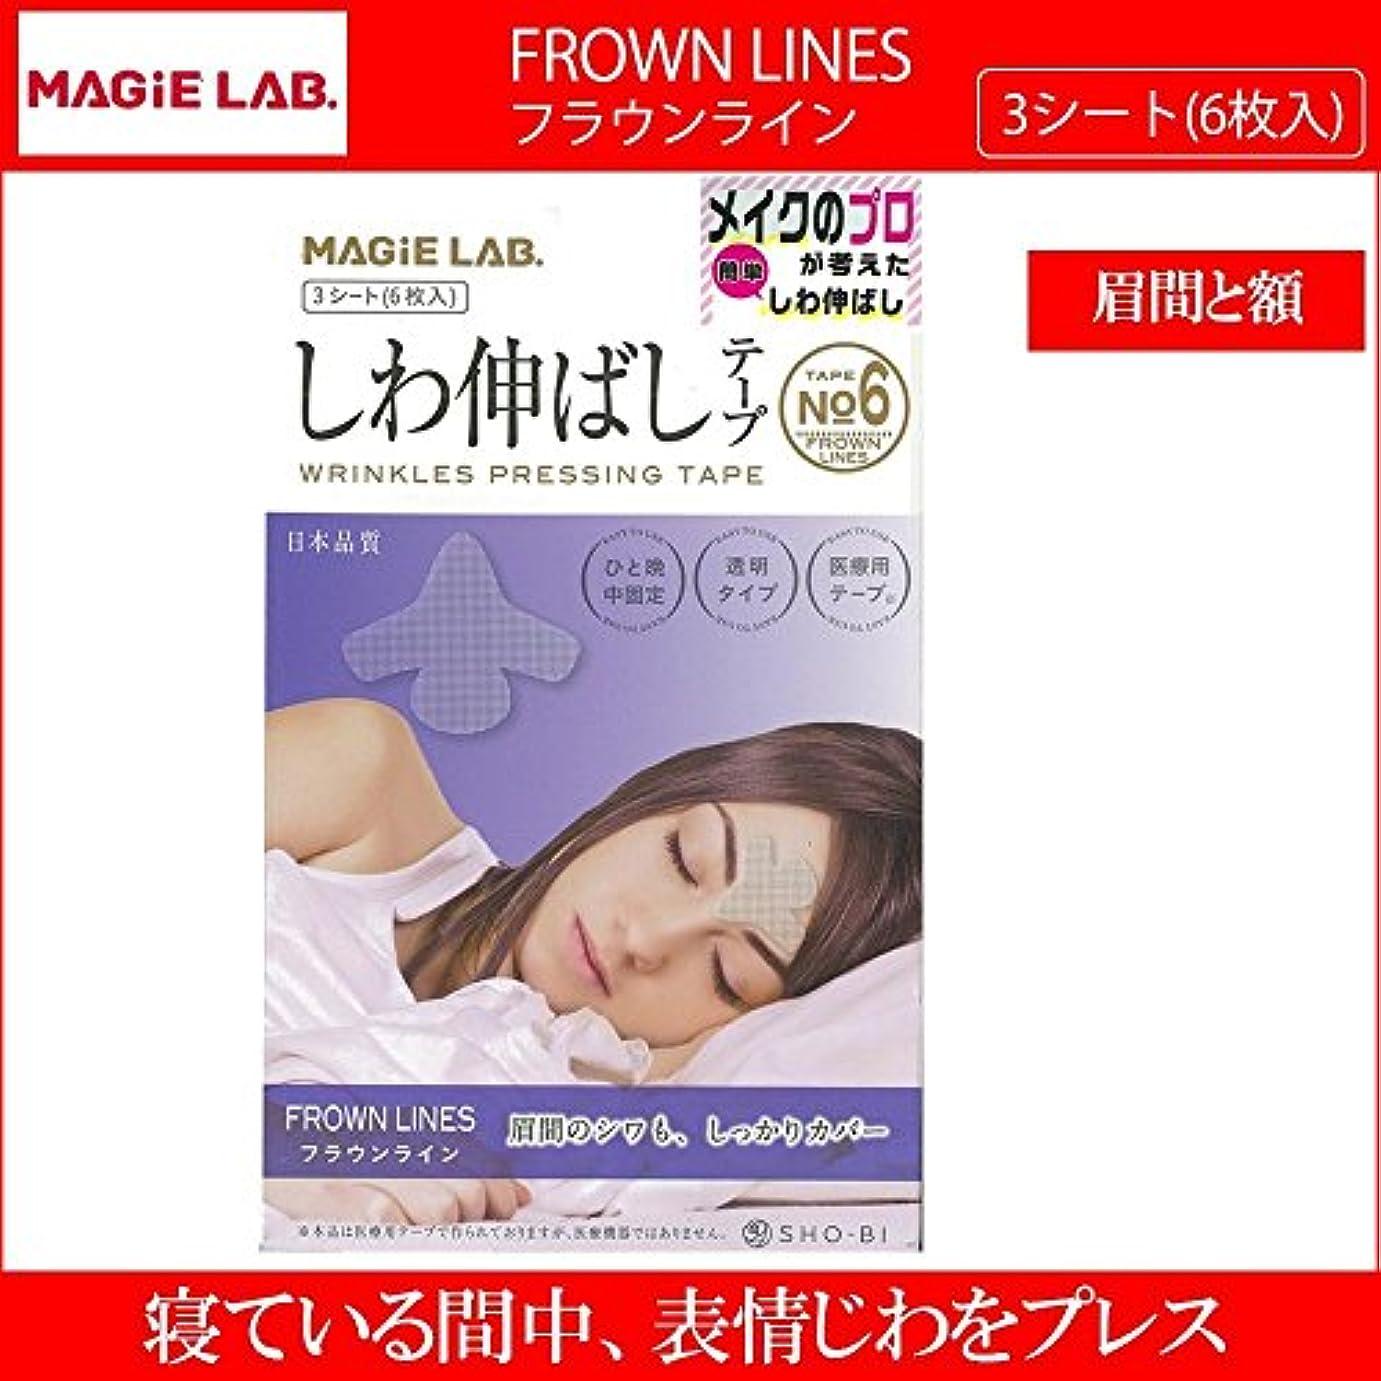 丁寧ハブ天気MAGiE LAB.(マジラボ) しわ伸ばしテープ NO.6 FROWN LINES(フラウンライン) 3シート(6枚入) MG22150